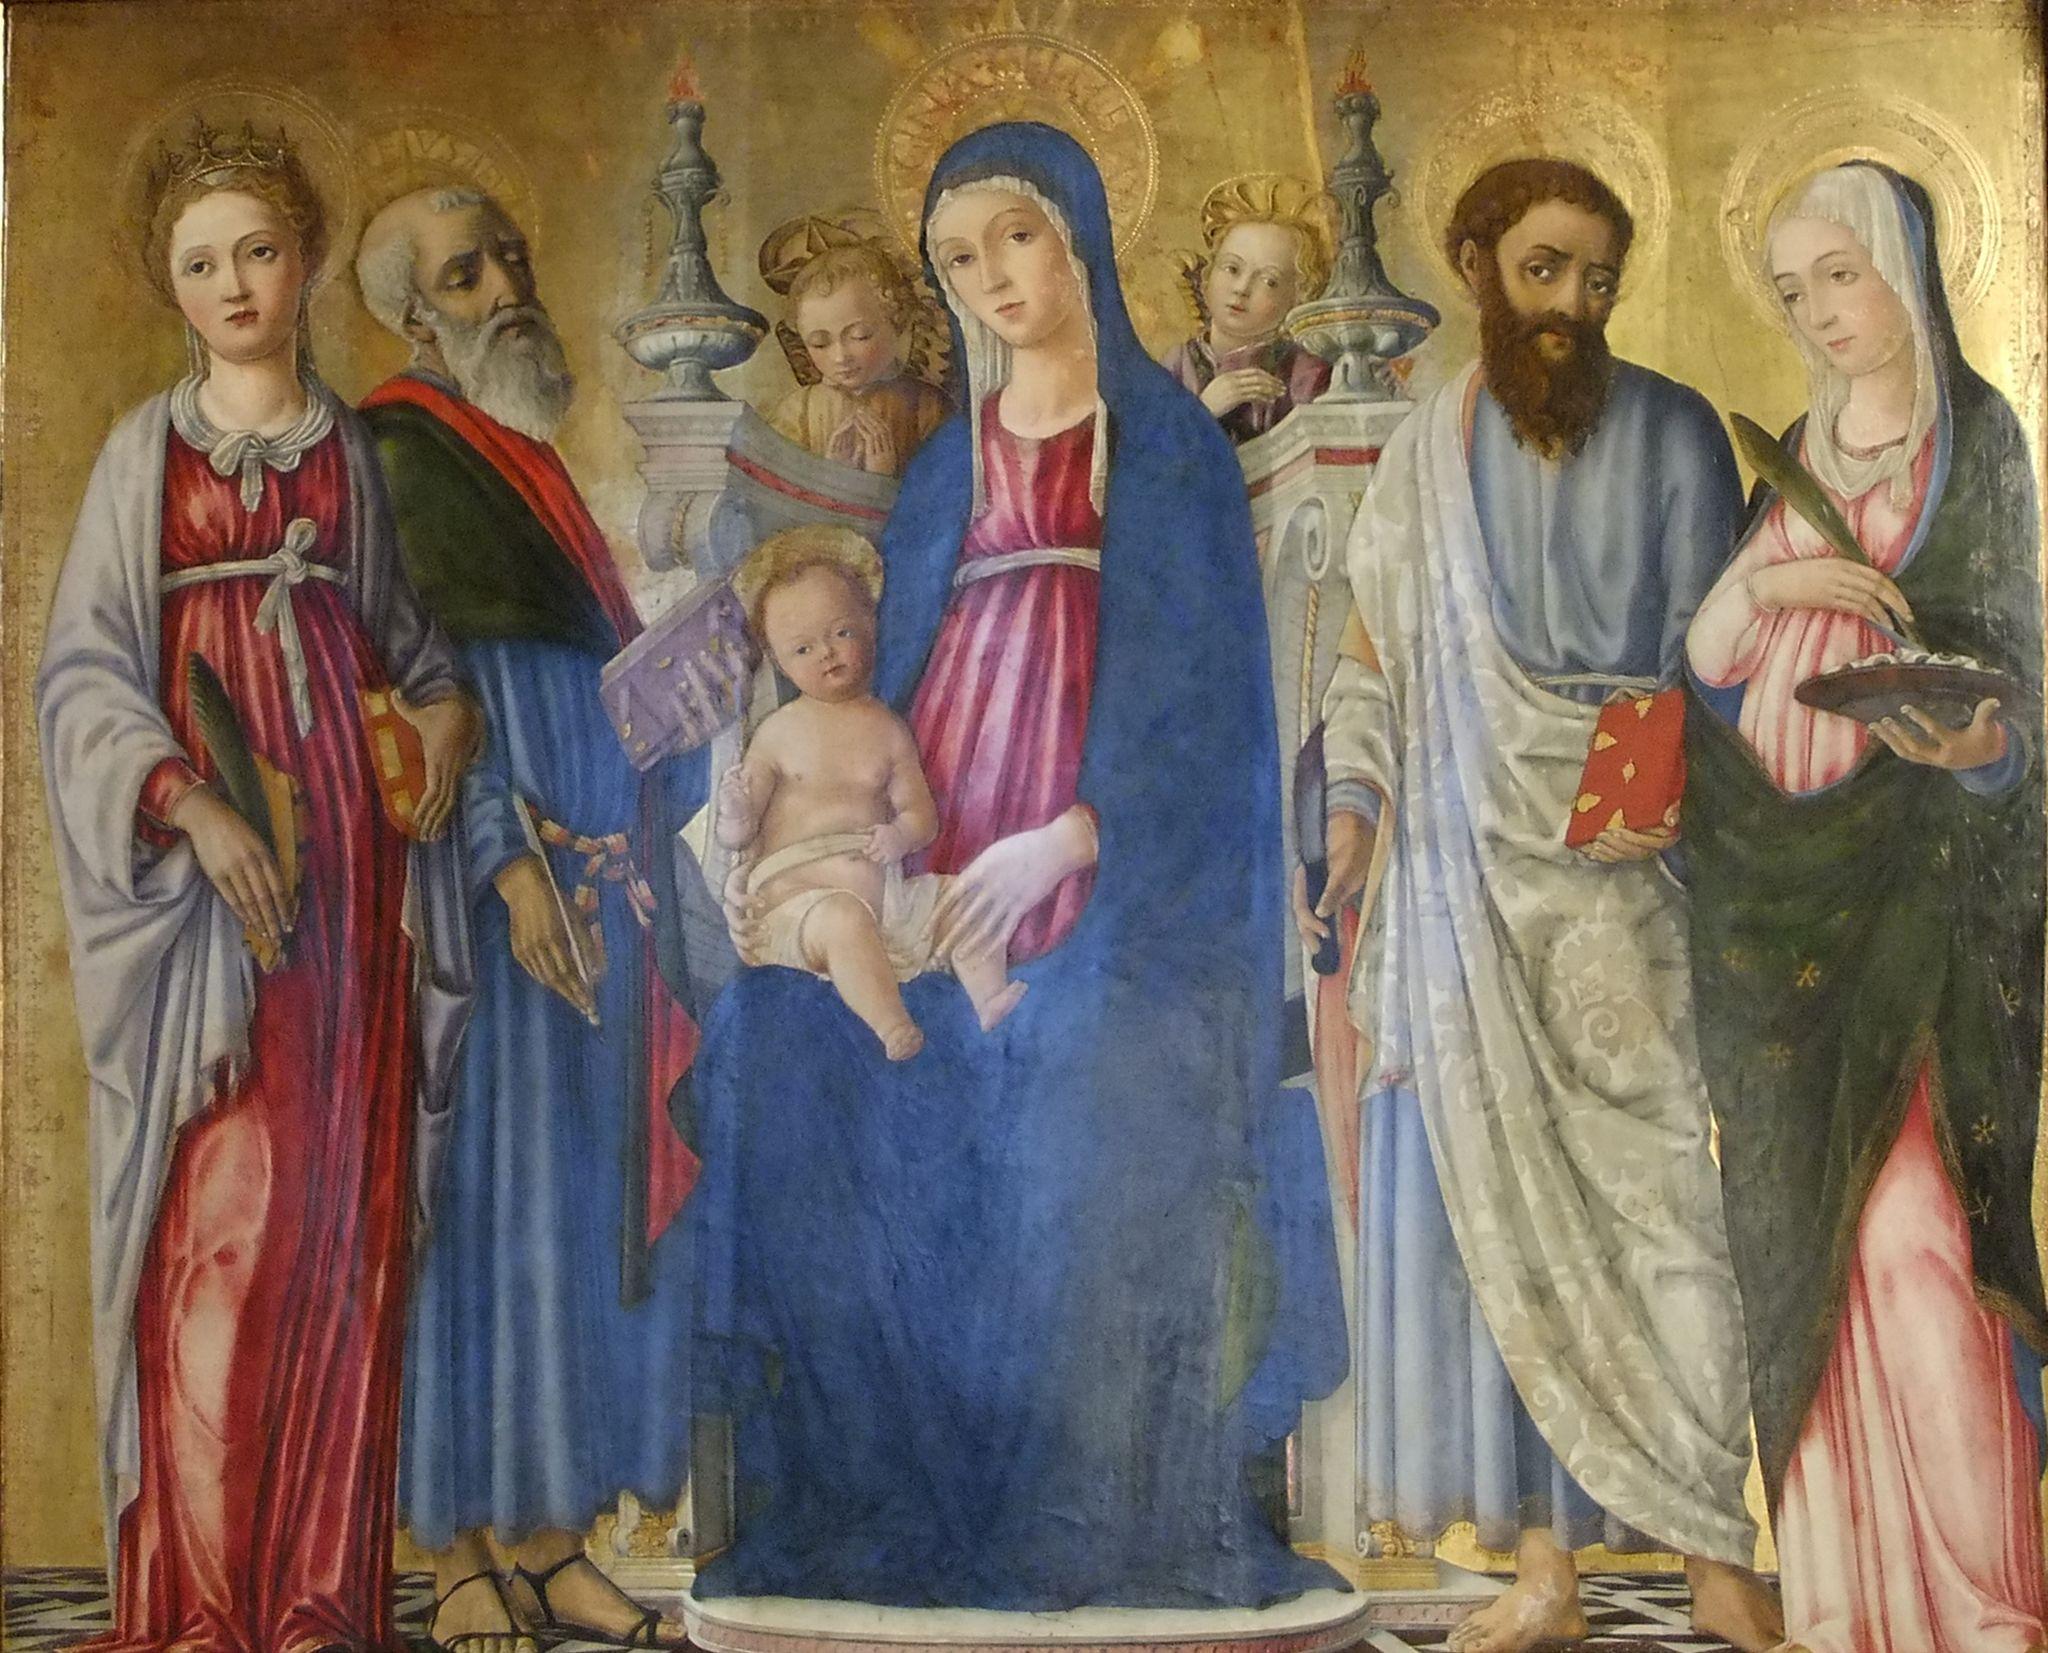 Matteo di Giovanni - Madonna con S. Caterina, S. Matteo, S. Bartolomeo, S.Lucia